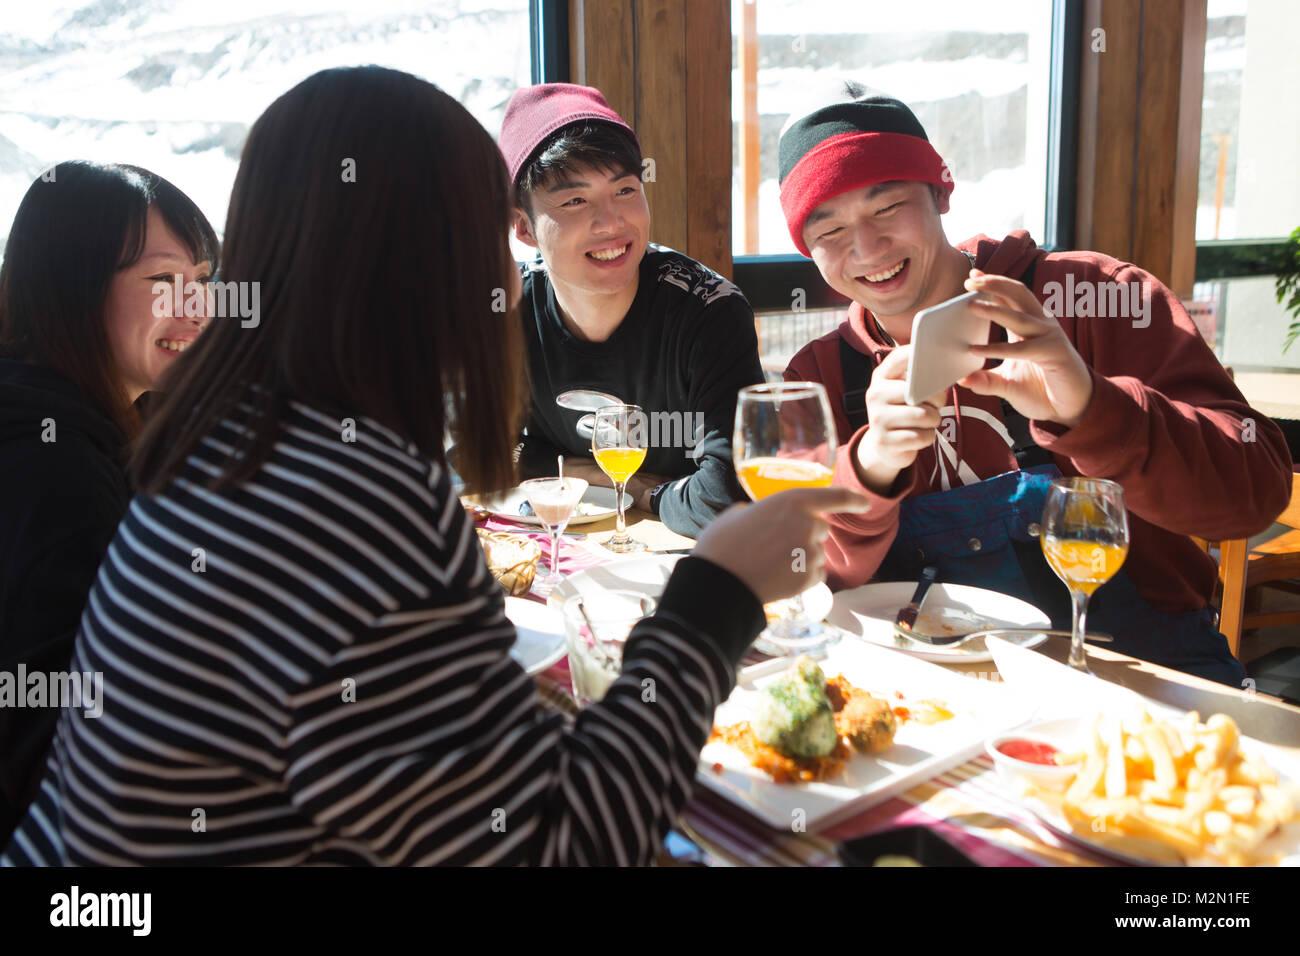 Junge Männer und Frauen im Restaurant zum Abendessen. Stockbild